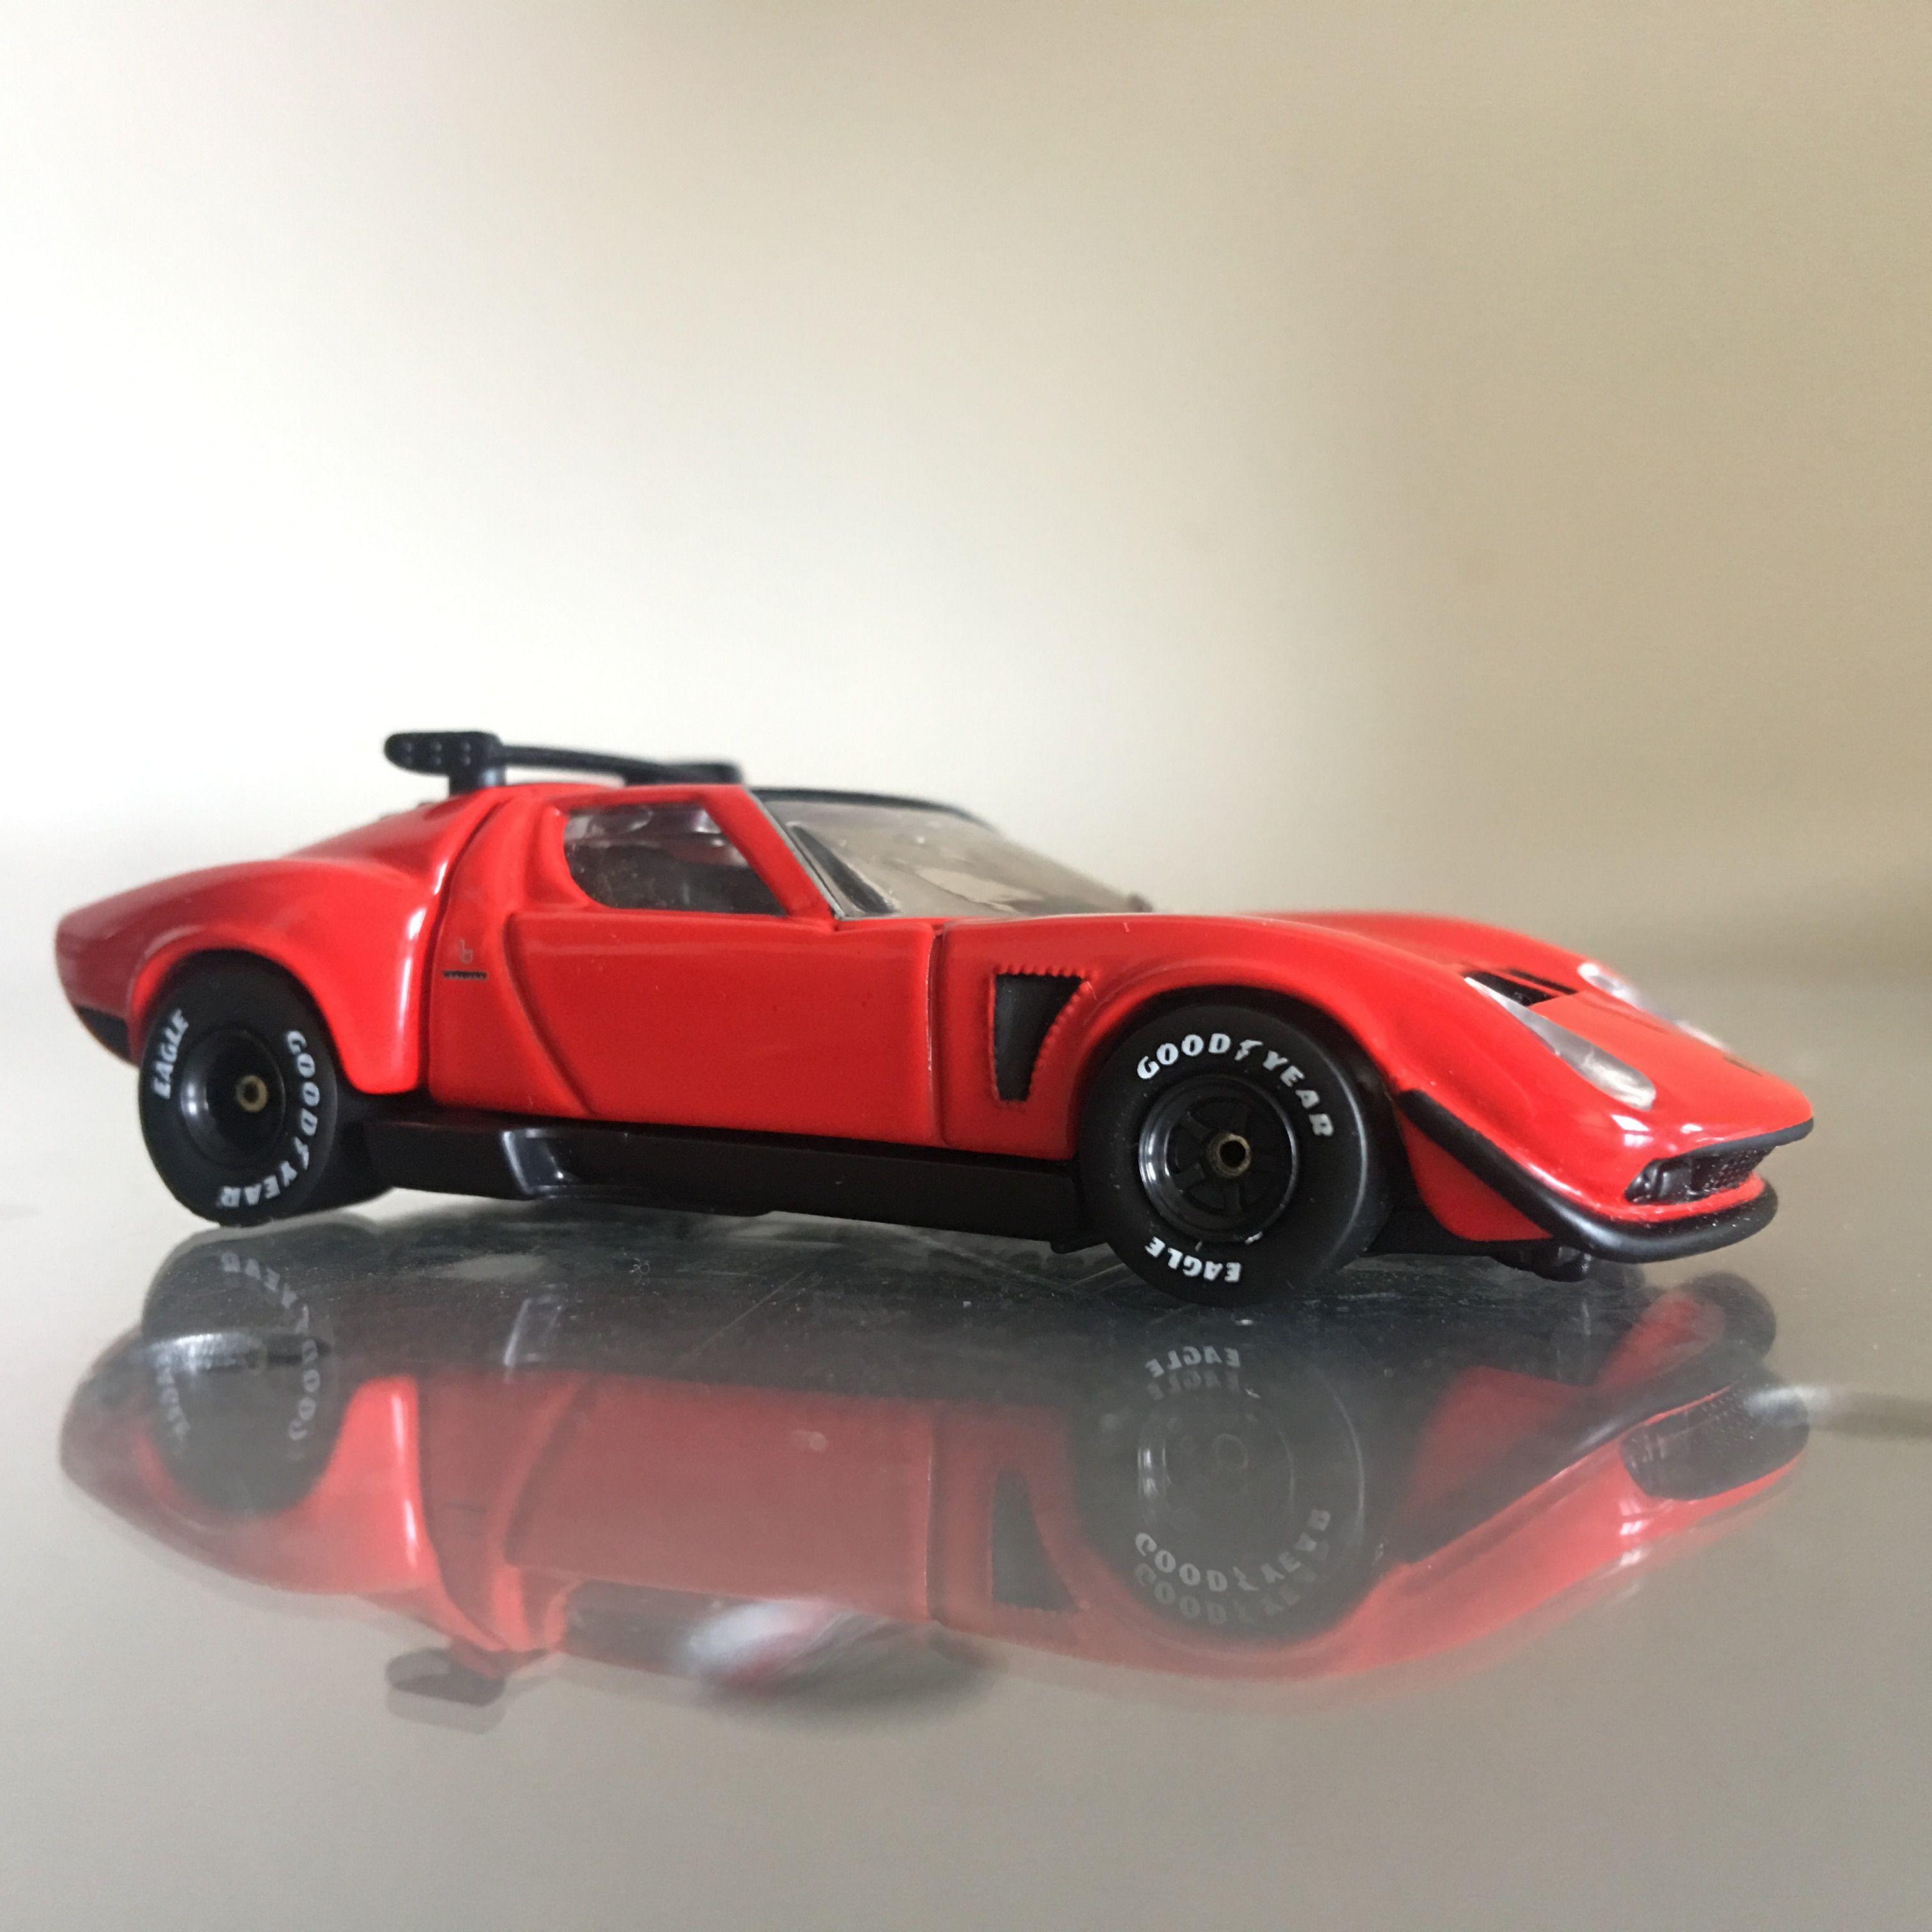 Tomica Premium No 05 Lamborghini Miura Jota Svr Customized